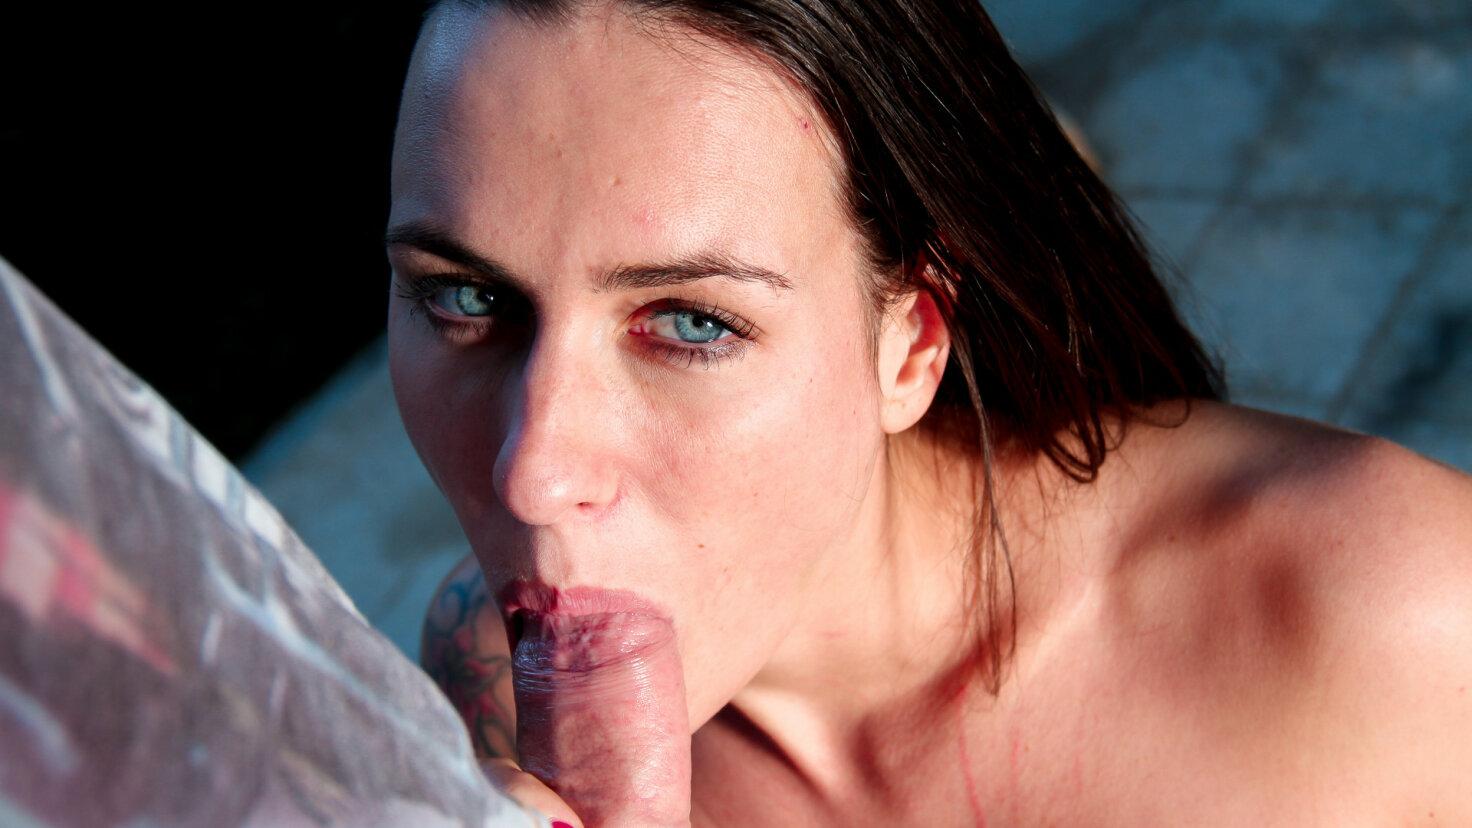 Französin strippt am Strand vor ihrem Lover und wird im Park Doggy gefickt